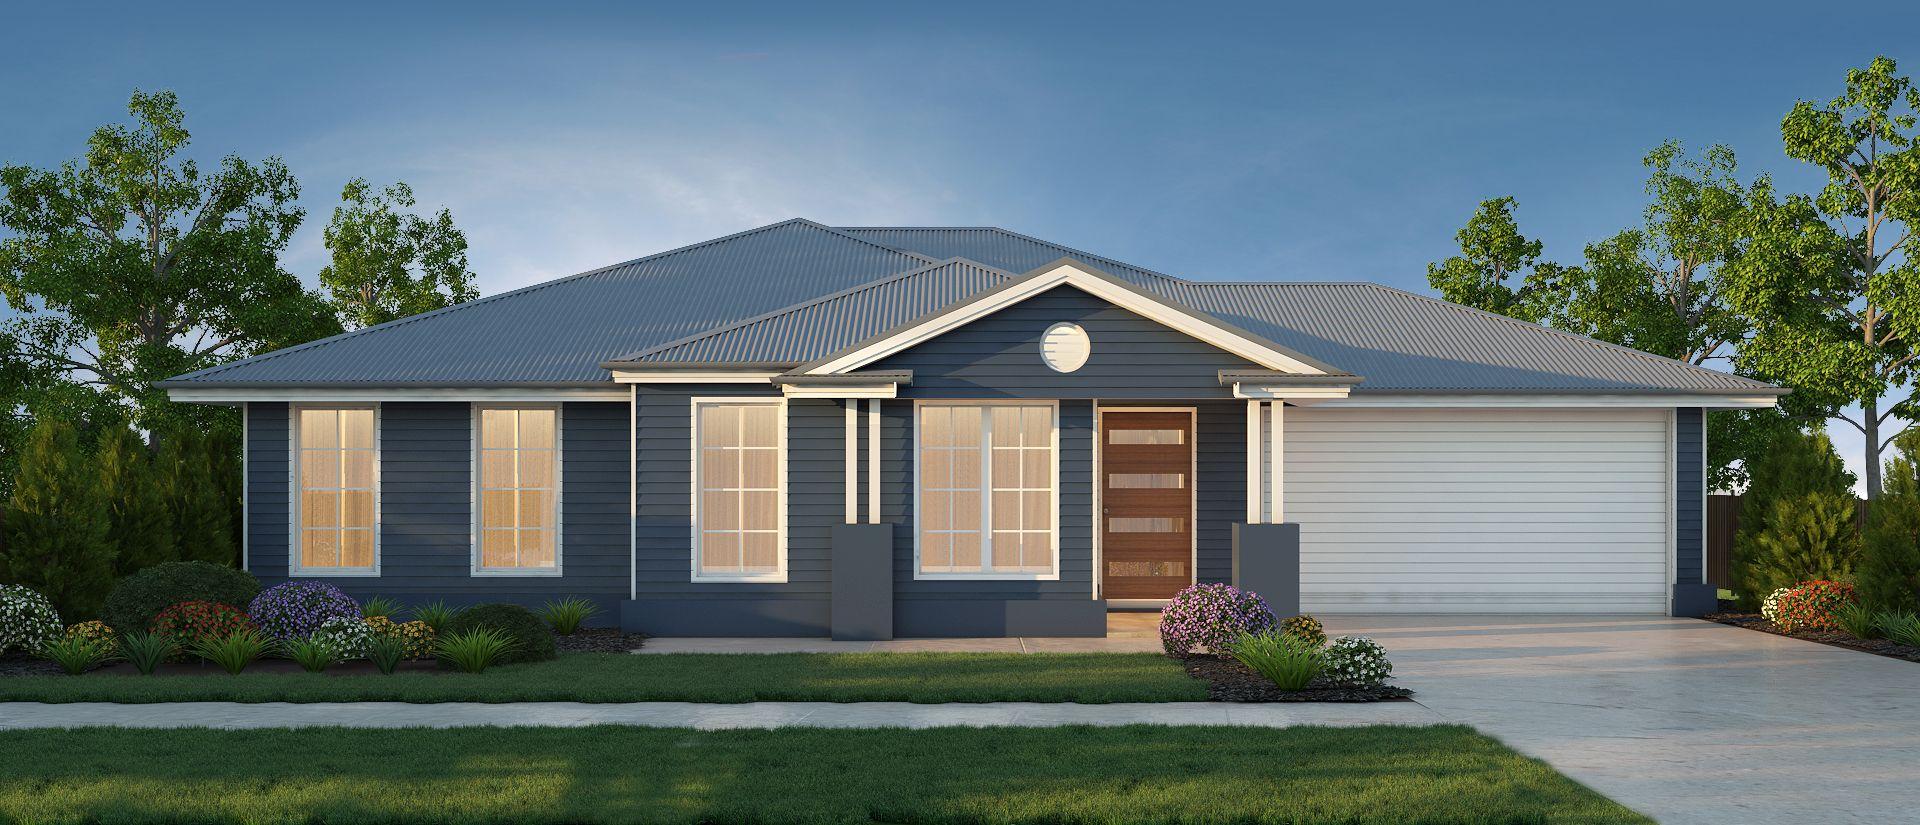 Lot 12 Gross Avenue, Hemmant QLD 4174, Image 0